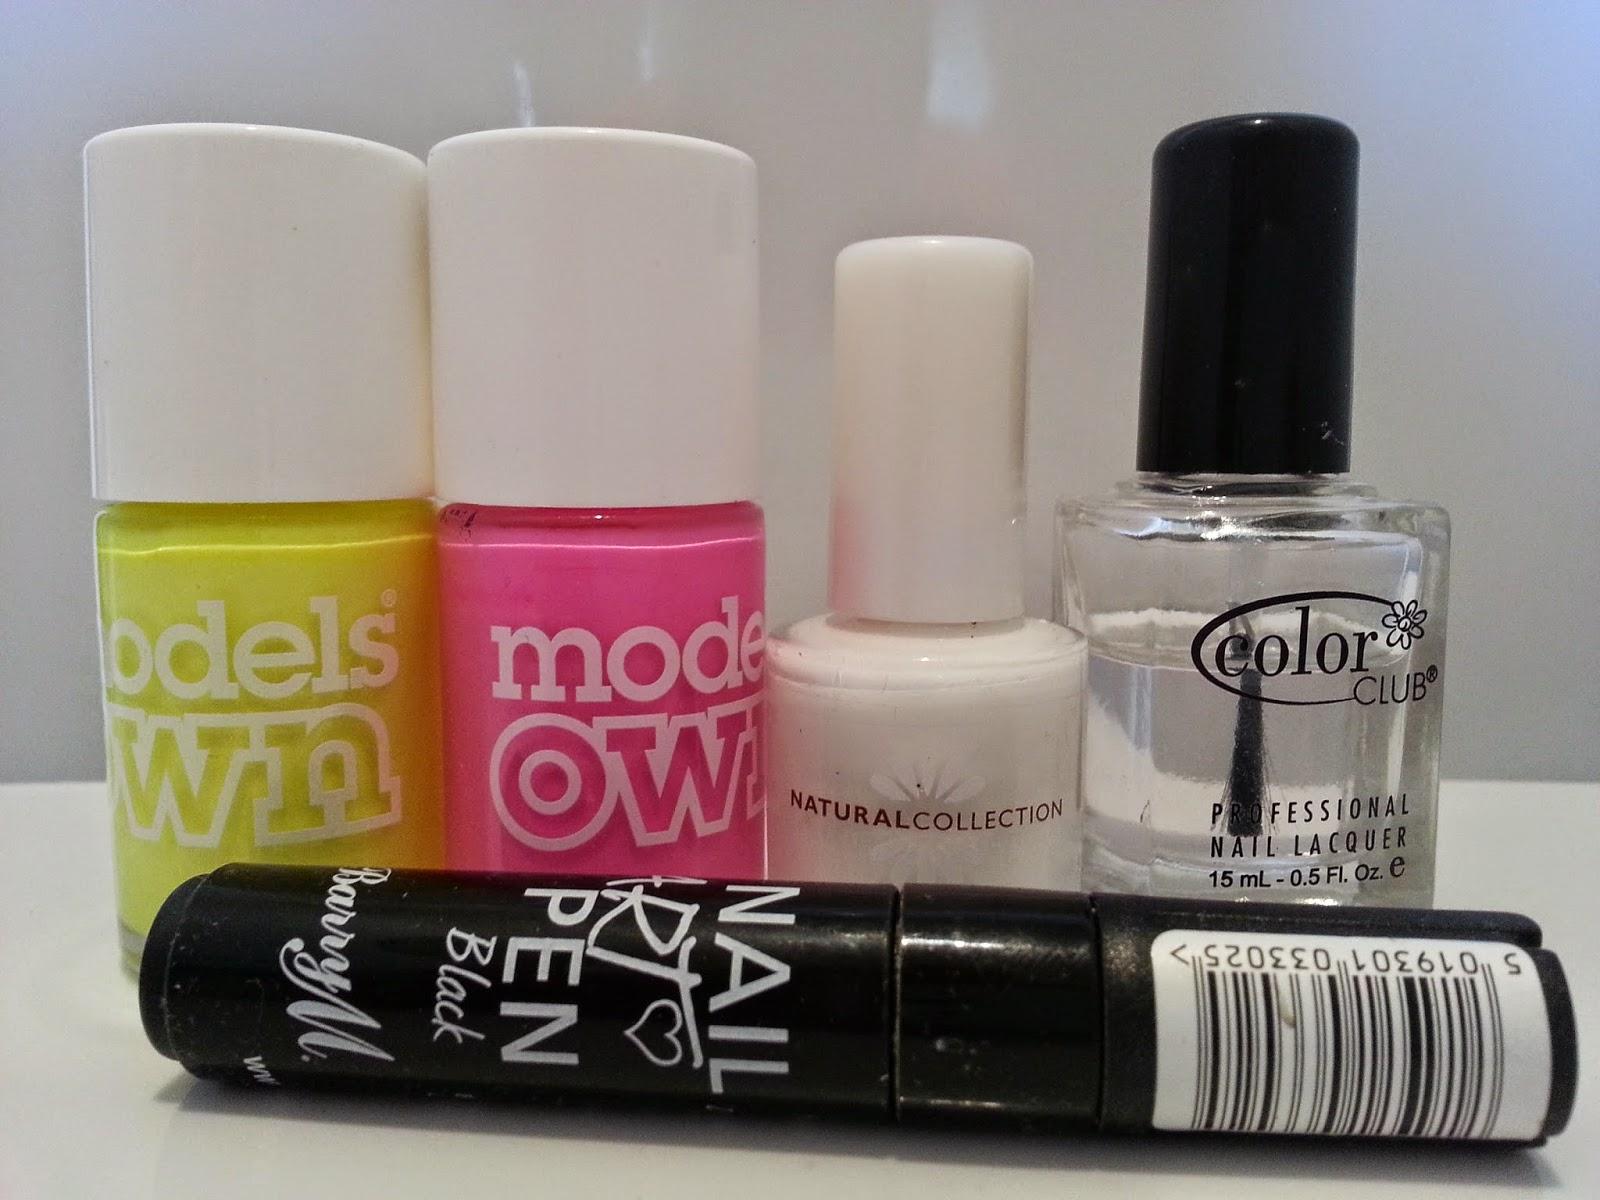 models-own-mental-health-awareness-nail-art